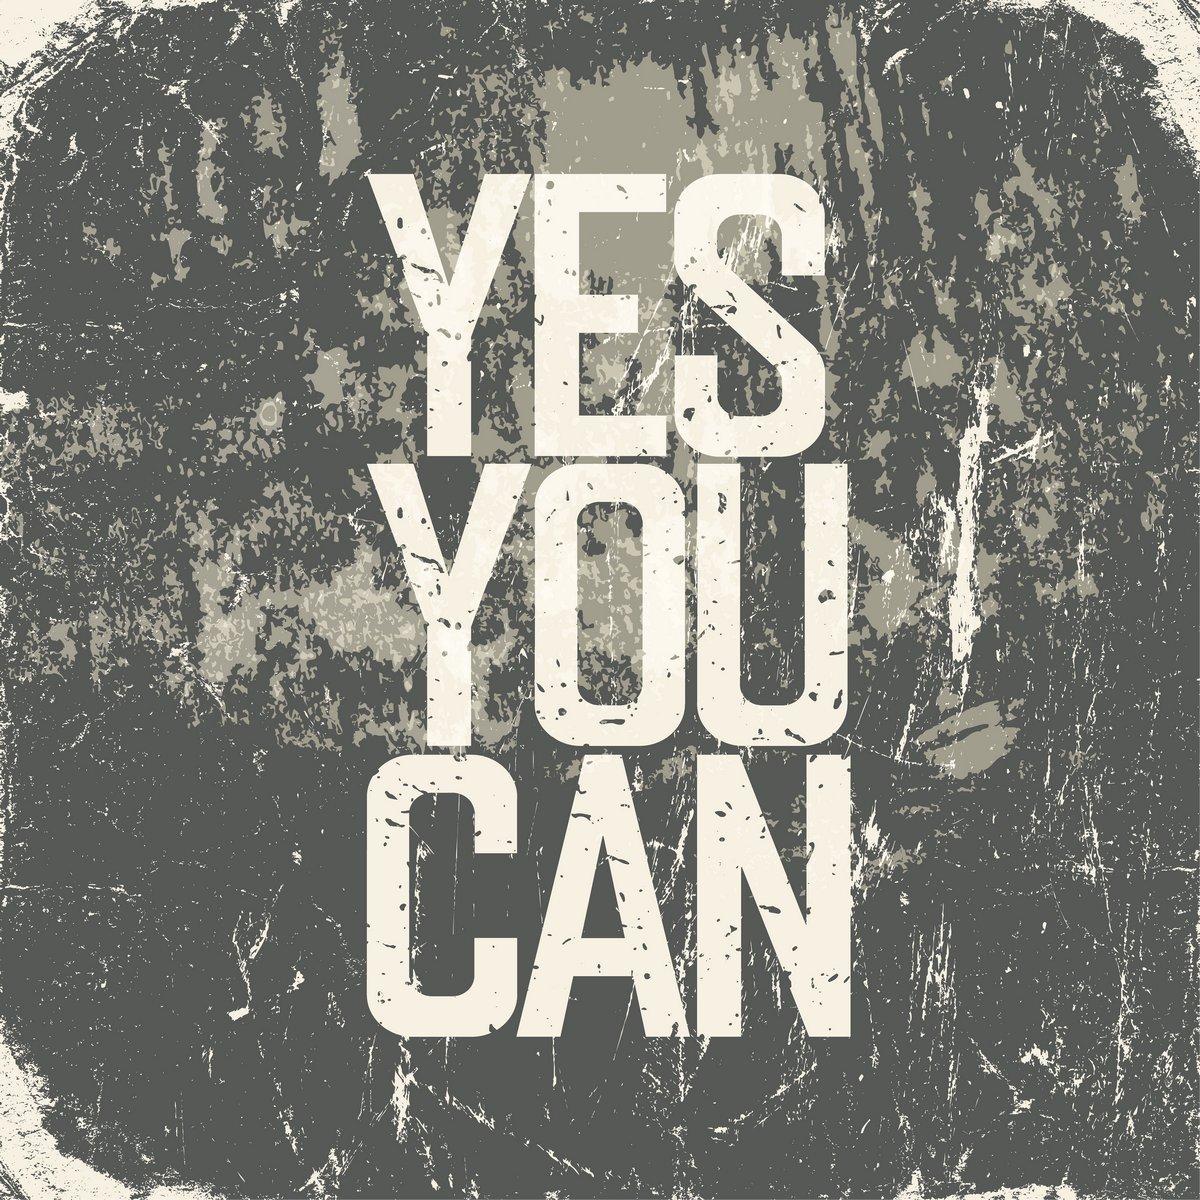 Постер-картина Мотивационный плакат Мотивационный плакат с надписью да можно. Гранж стильМотивационный плакат<br>Постер на холсте или бумаге. Любого нужного вам размера. В раме или без. Подвес в комплекте. Трехслойная надежная упаковка. Доставим в любую точку России. Вам осталось только повесить картину на стену!<br>